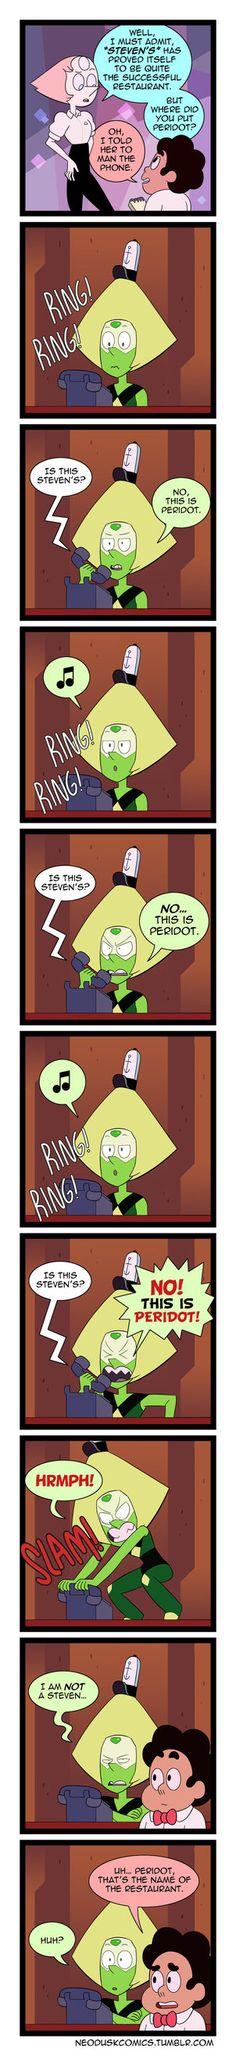 Steven Universe: Krusty Klod by Neodusk on DeviantArt